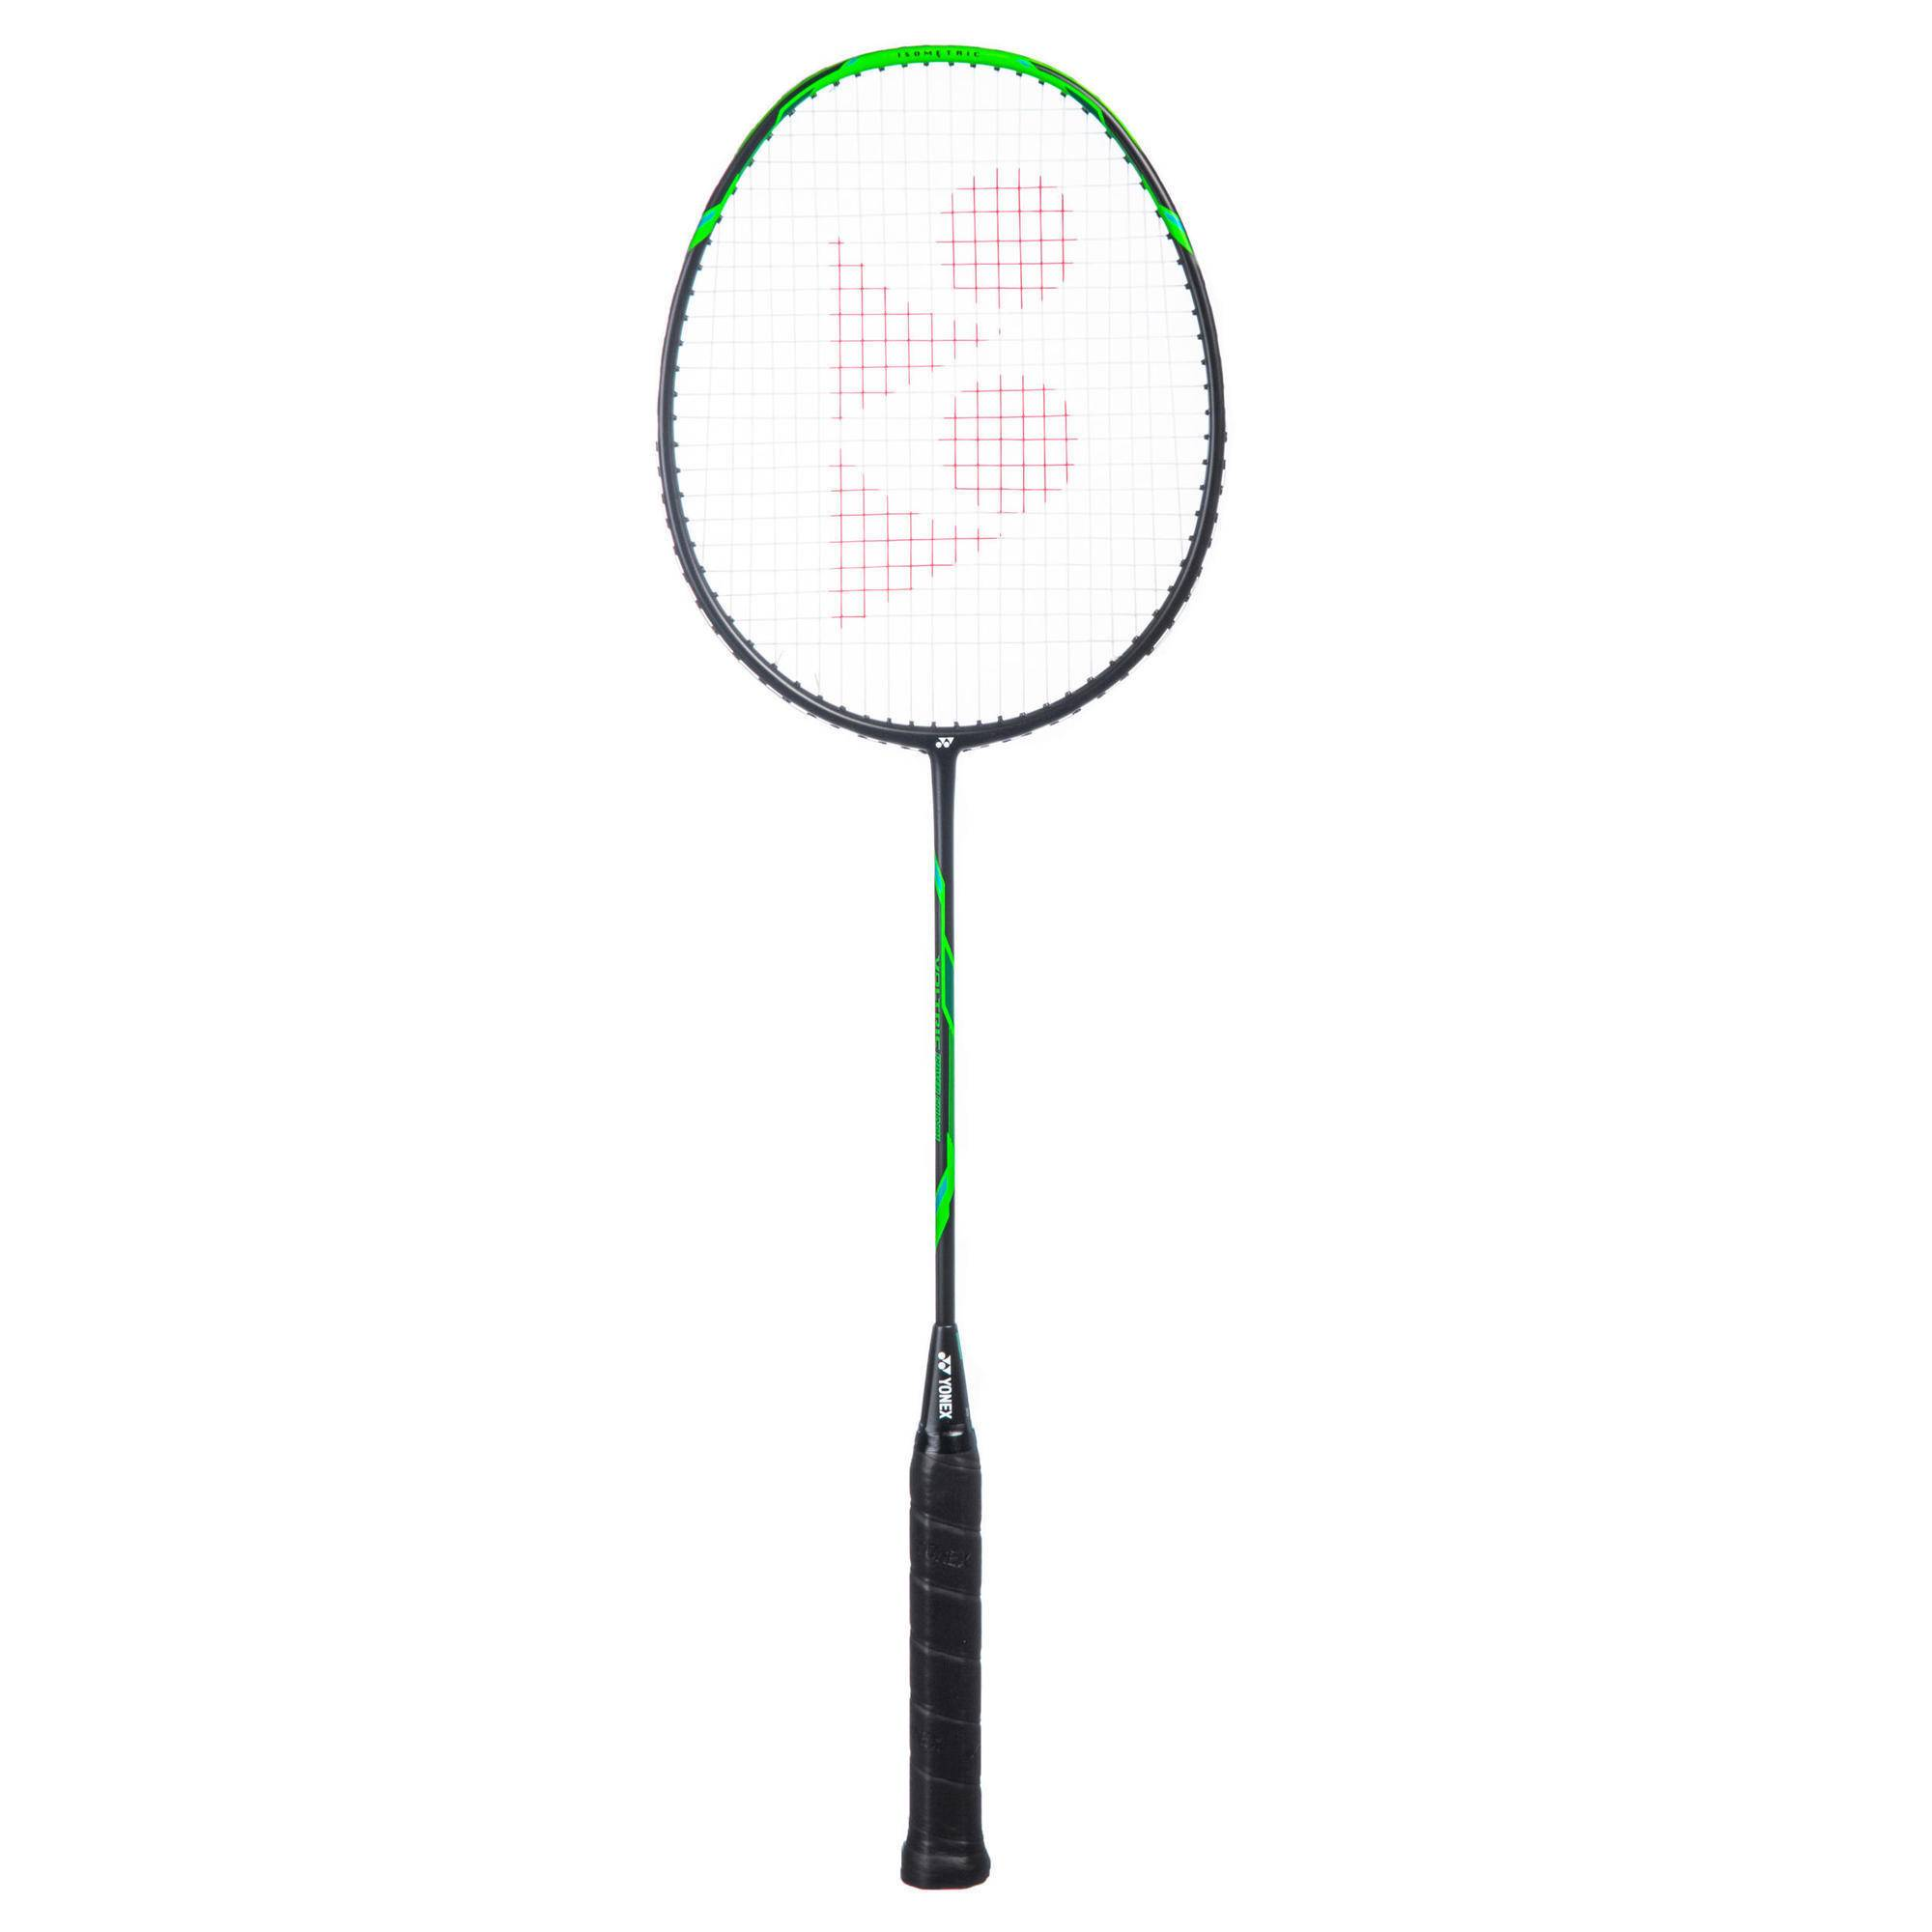 YONEX Raquette de badminton adulte YONEX VOLTRIC POWER CRUNCH - YONEX - Taille unique